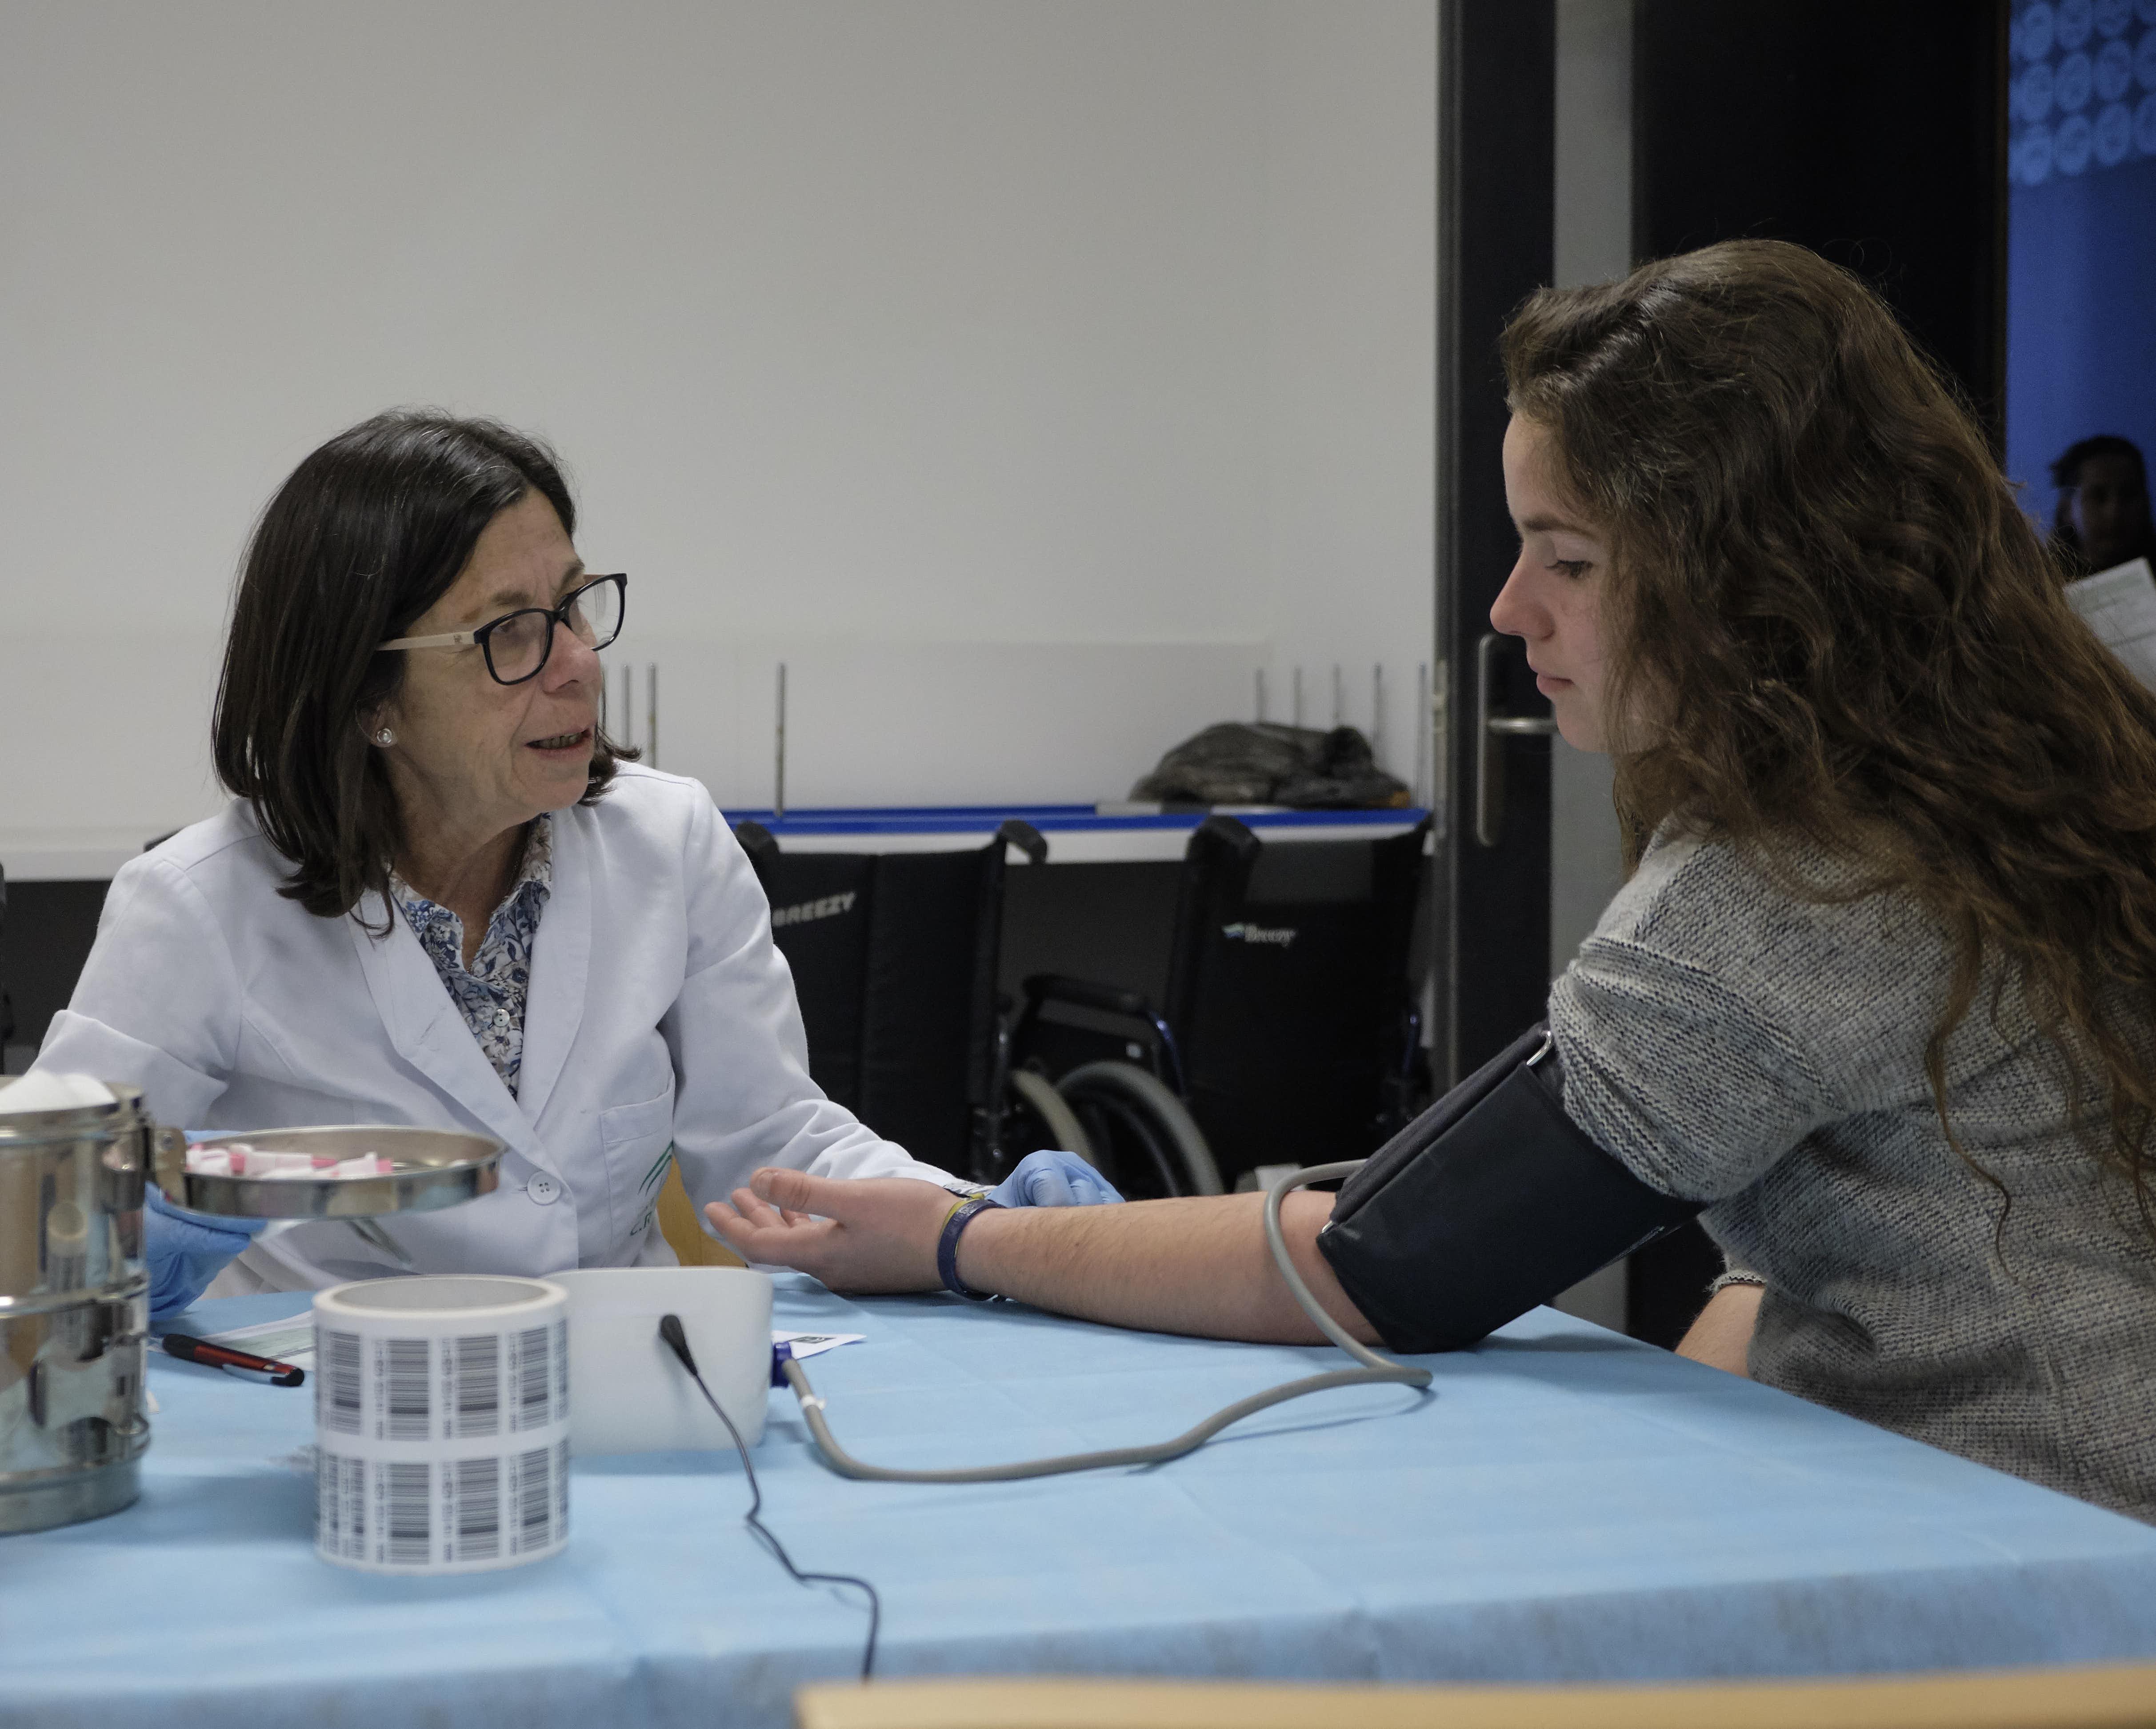 El Centro Regional de Transfusión Sanguínea llama a la donación de sangre en el Hospital Real